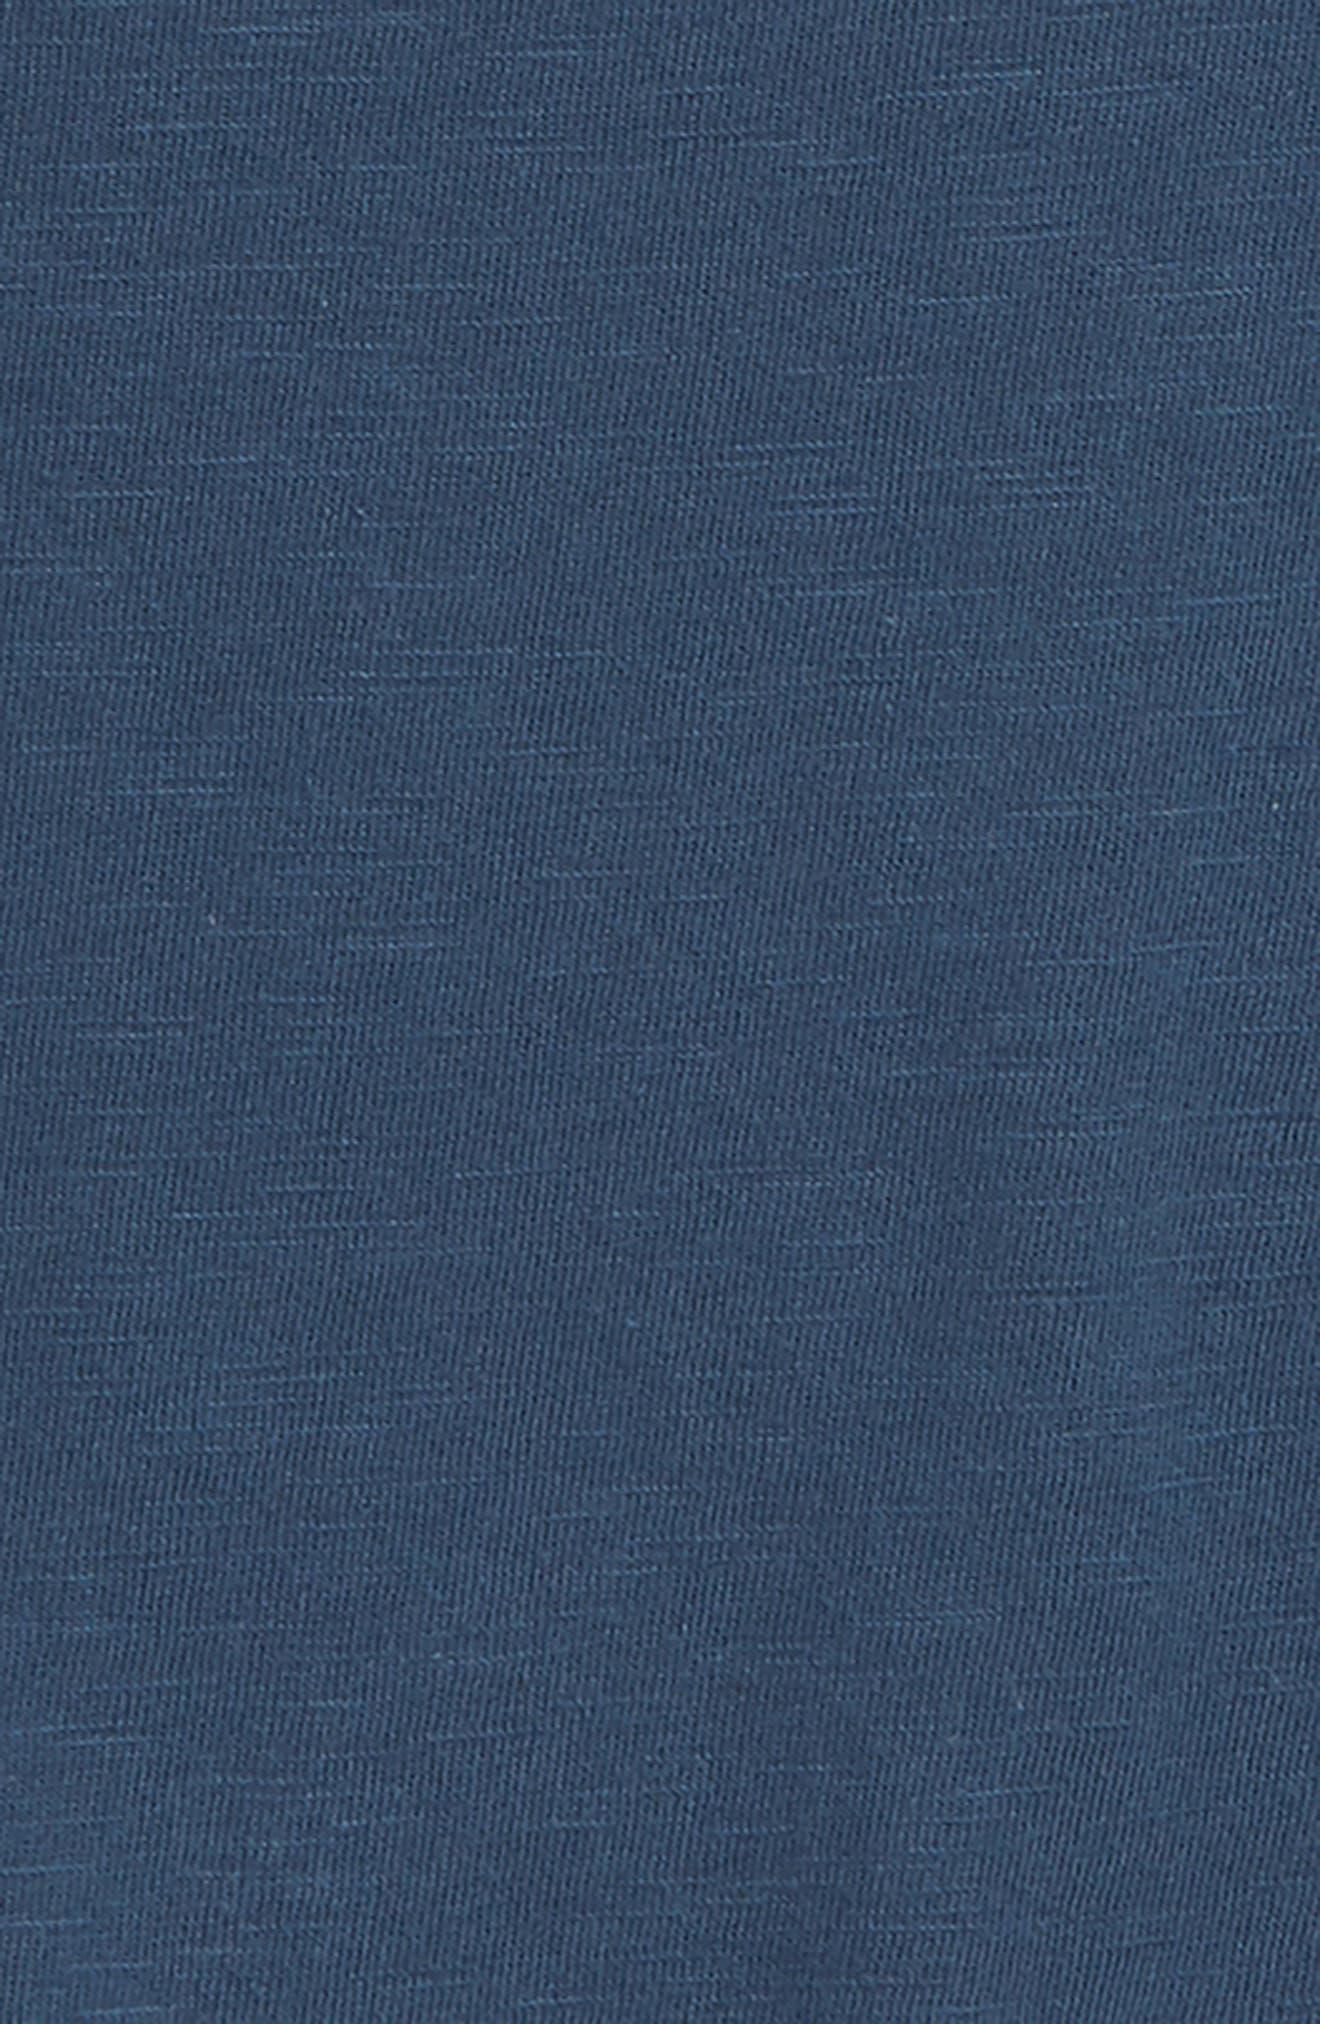 MINI BODEN,                             Layered T-Shirt,                             Alternate thumbnail 2, color,                             424